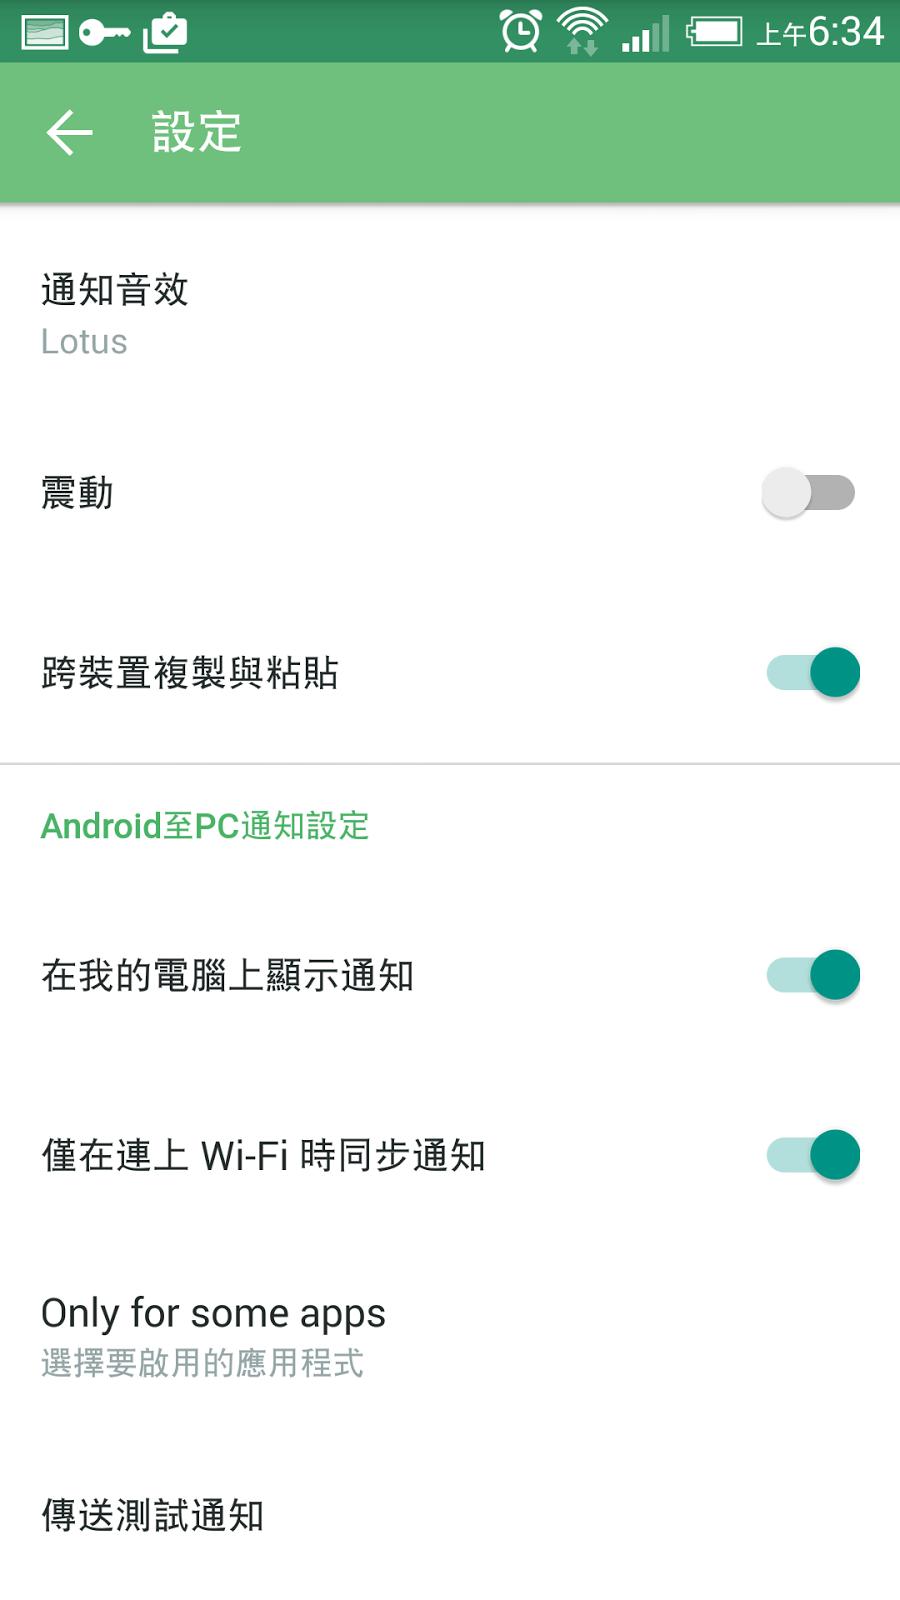 改變行動工作!電腦玩物 2014 最佳 Android App 推薦 Pushbullet%2BPC%2BMac%2BAndroid-05